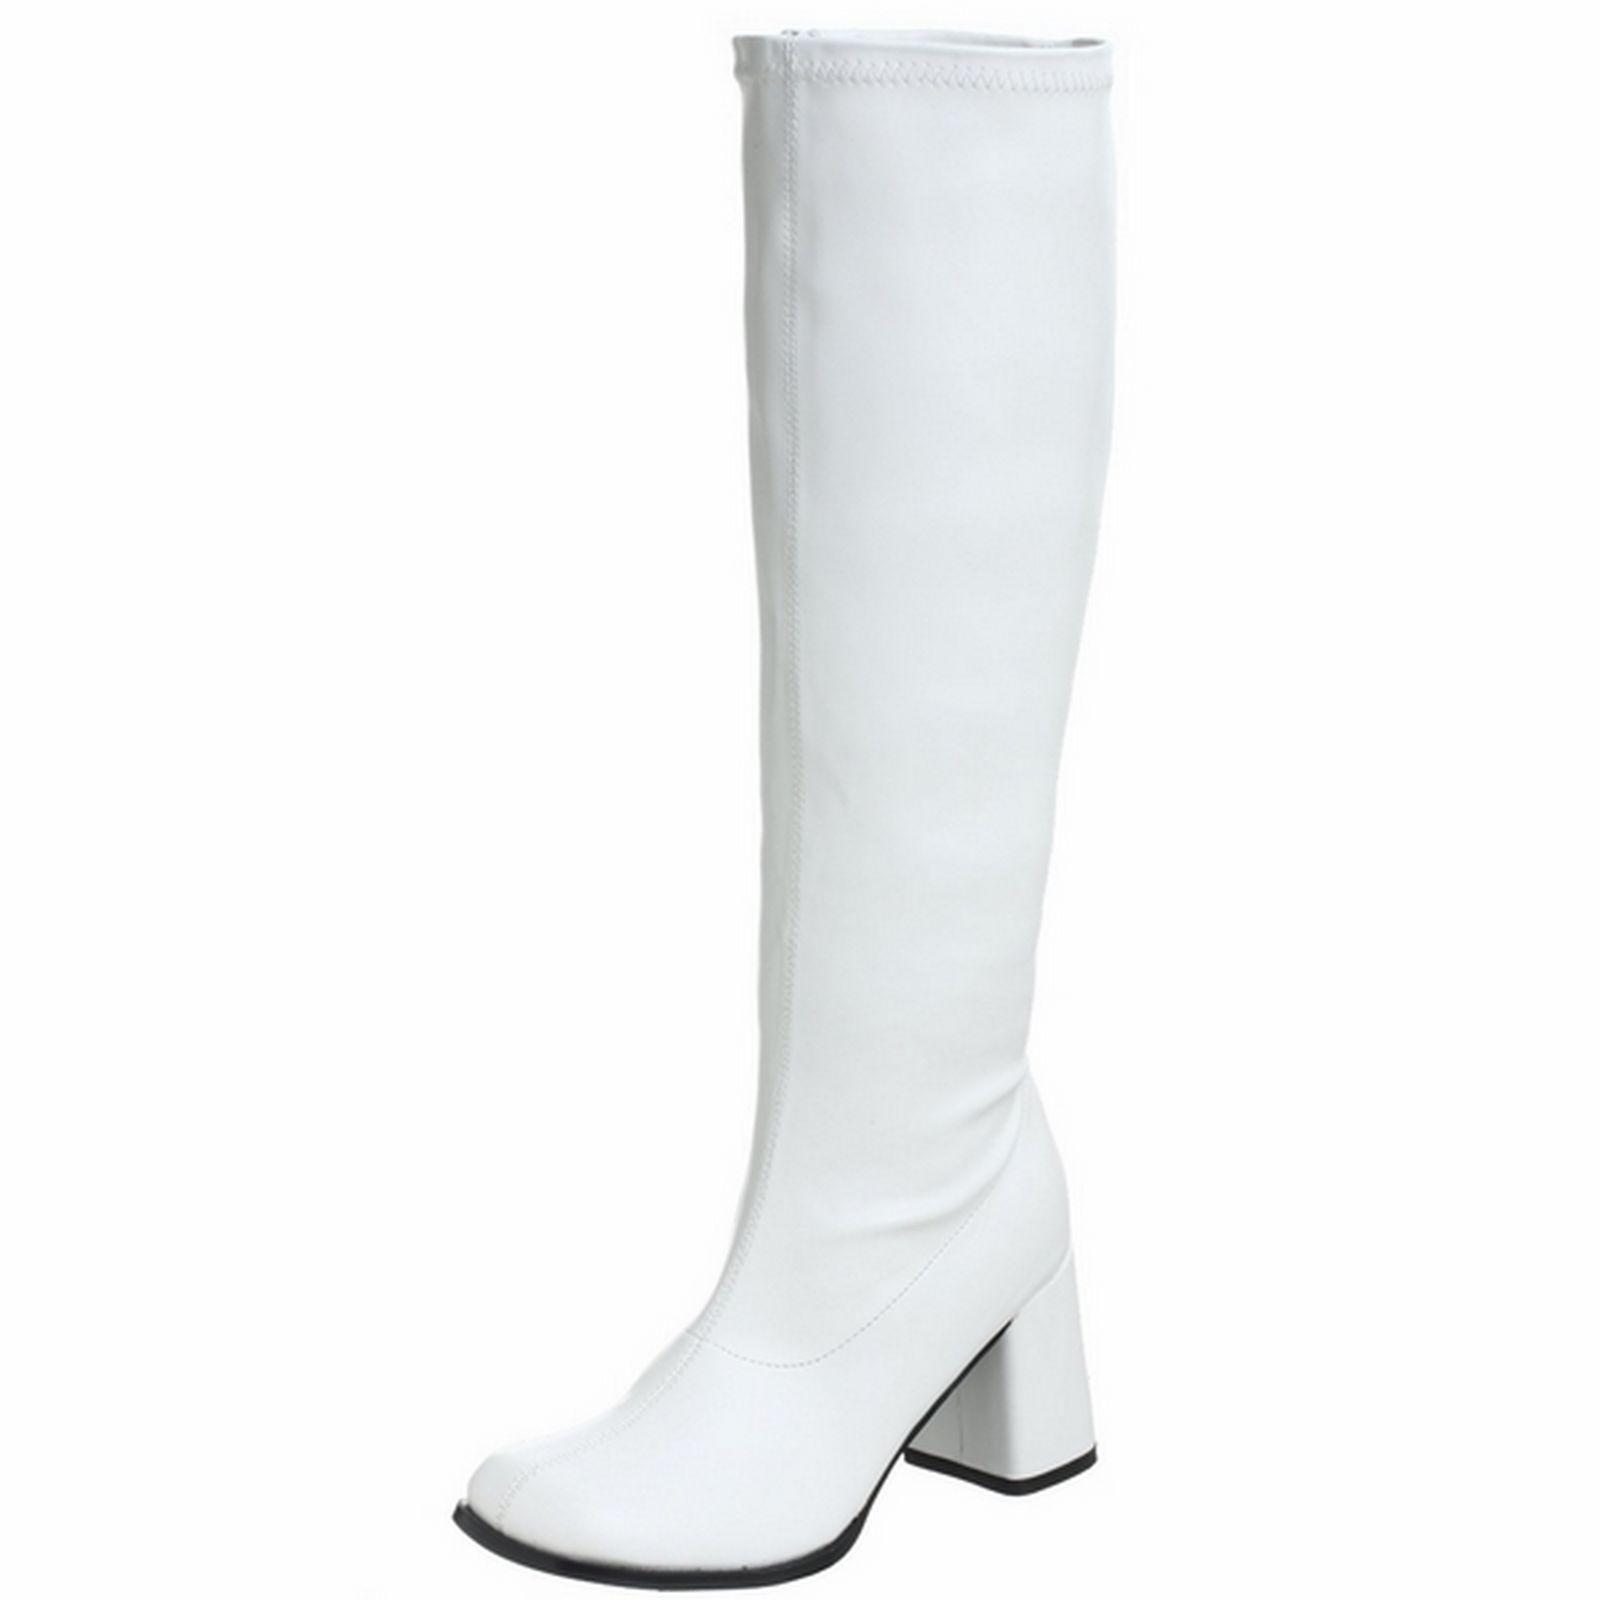 94d94cc17f5 Details about FUNTASMA Retro Stretchy Wide Calf Knee High Boot GOGO ...